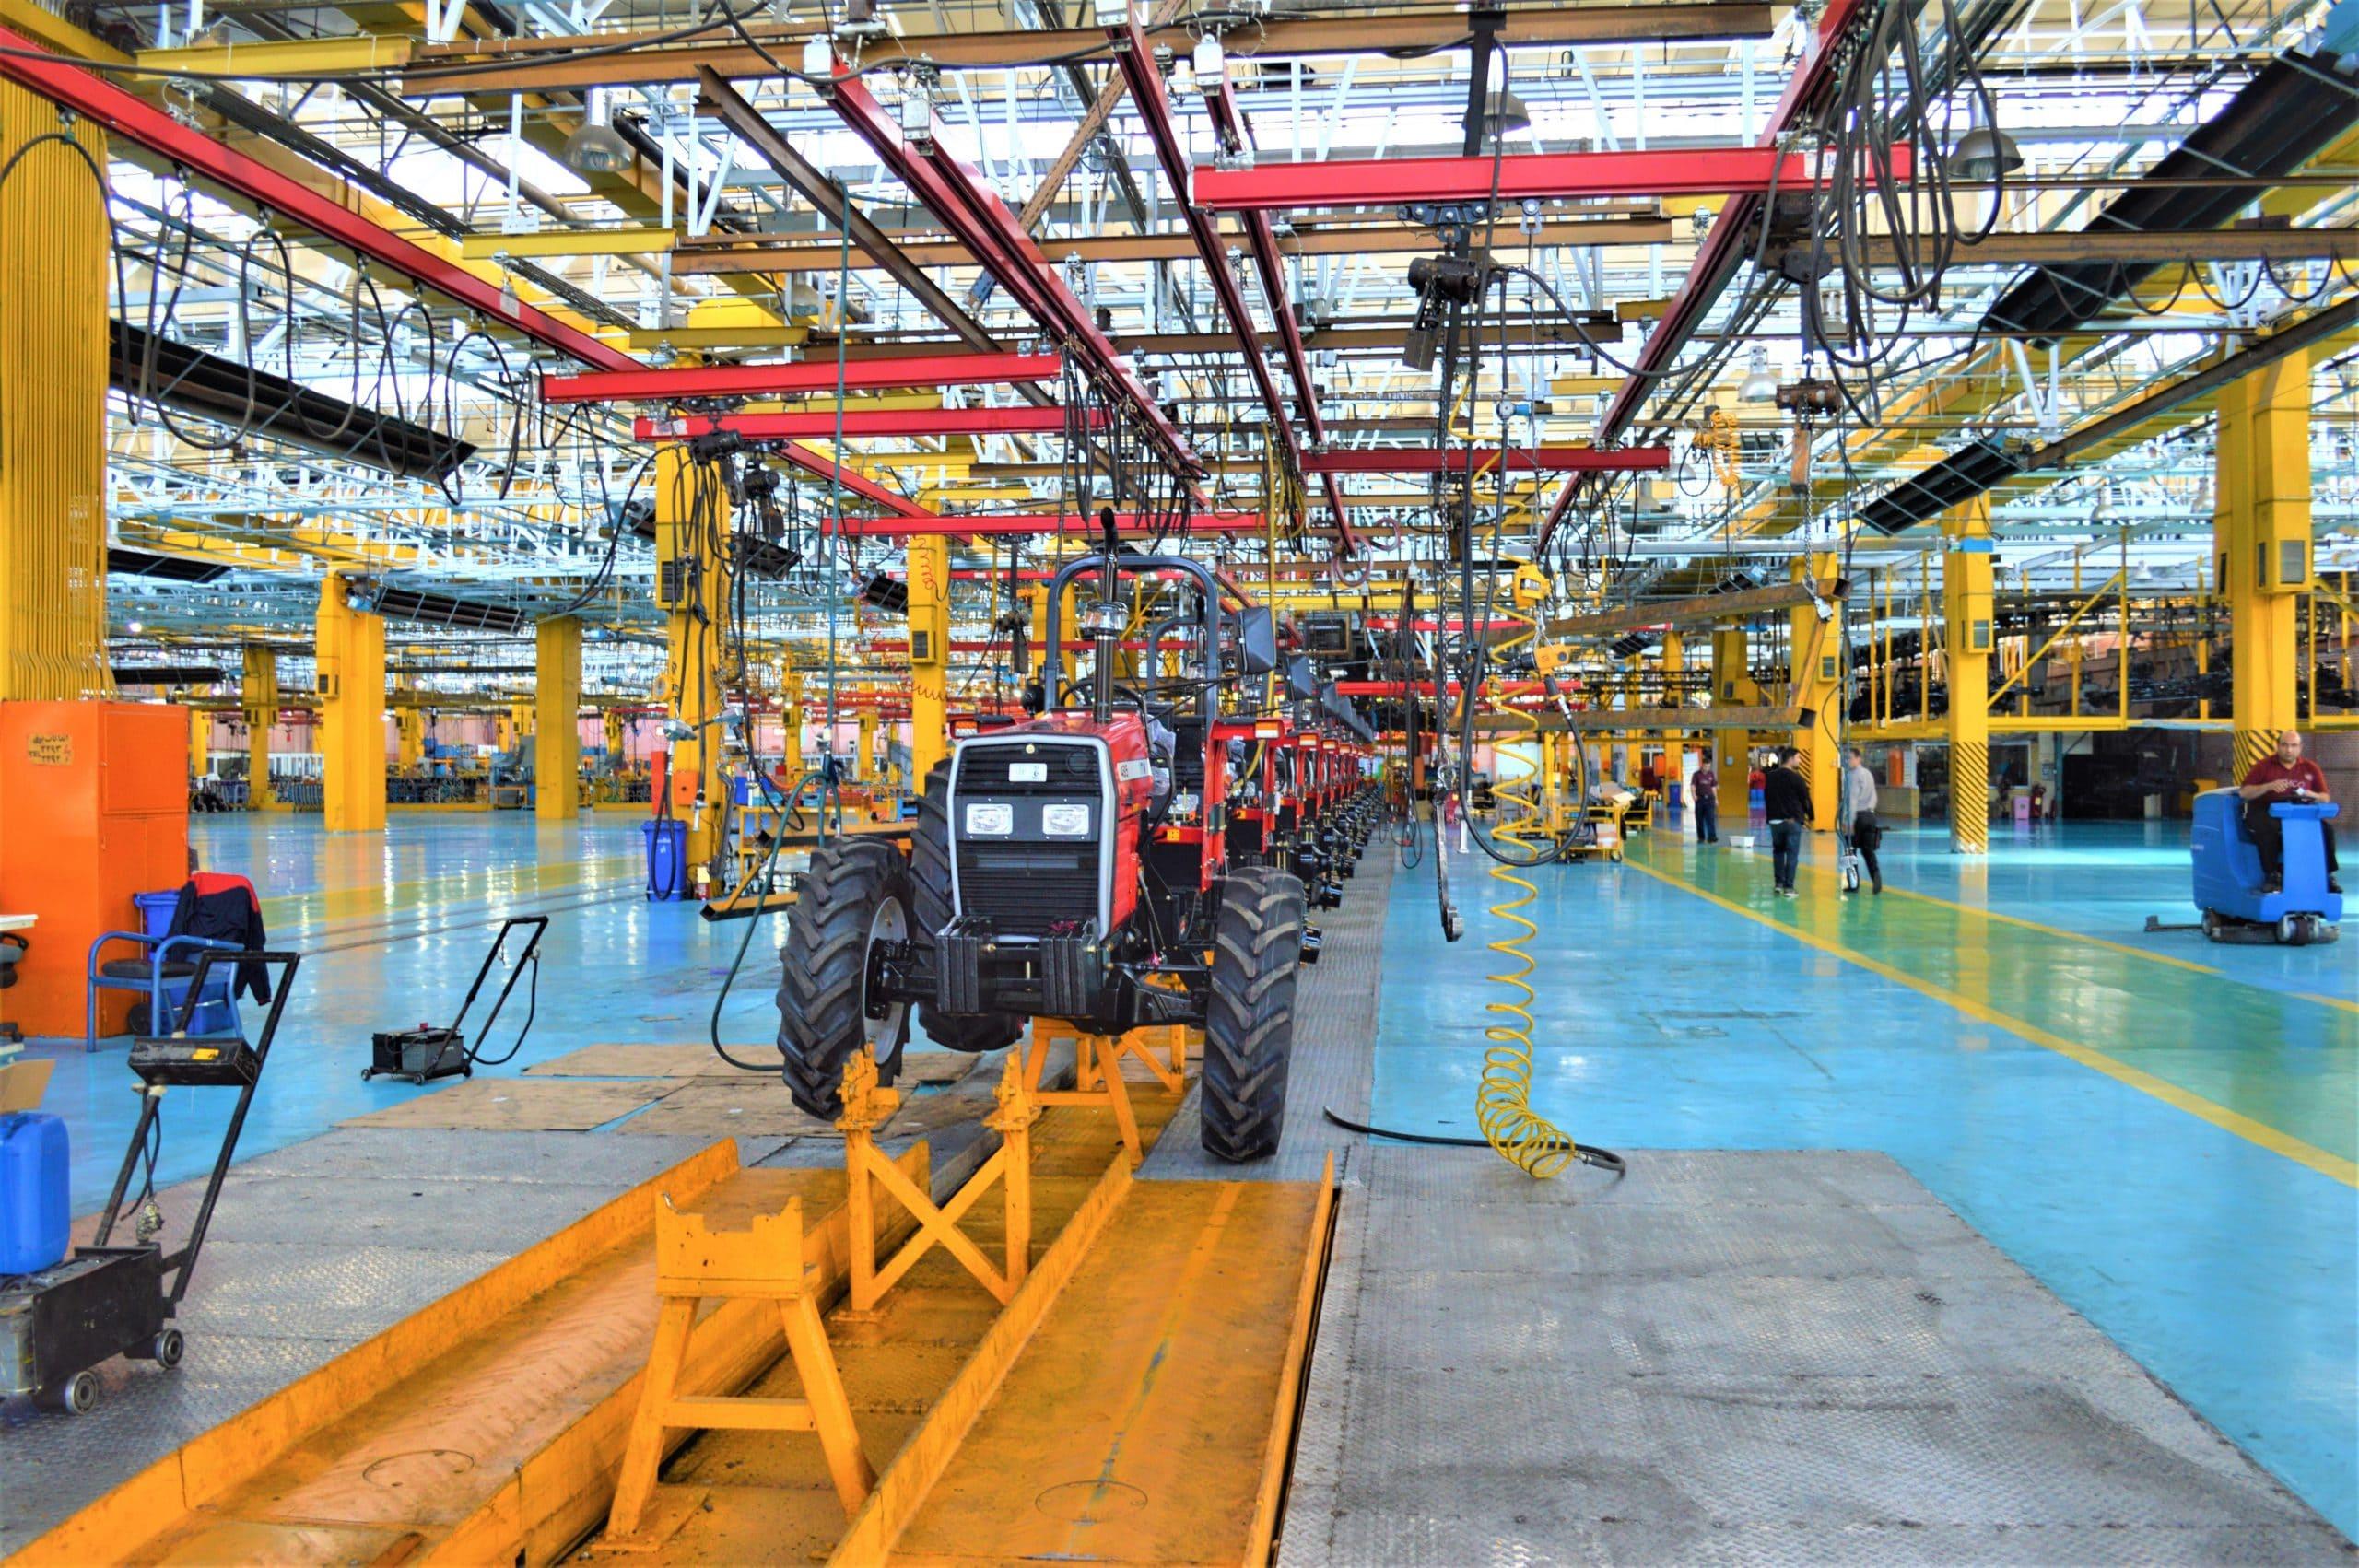 工場・プラントのランニングコストとは?省エネ対策や特徴、設備費・警備費や保険料の削減事例・アイデアを徹底解説